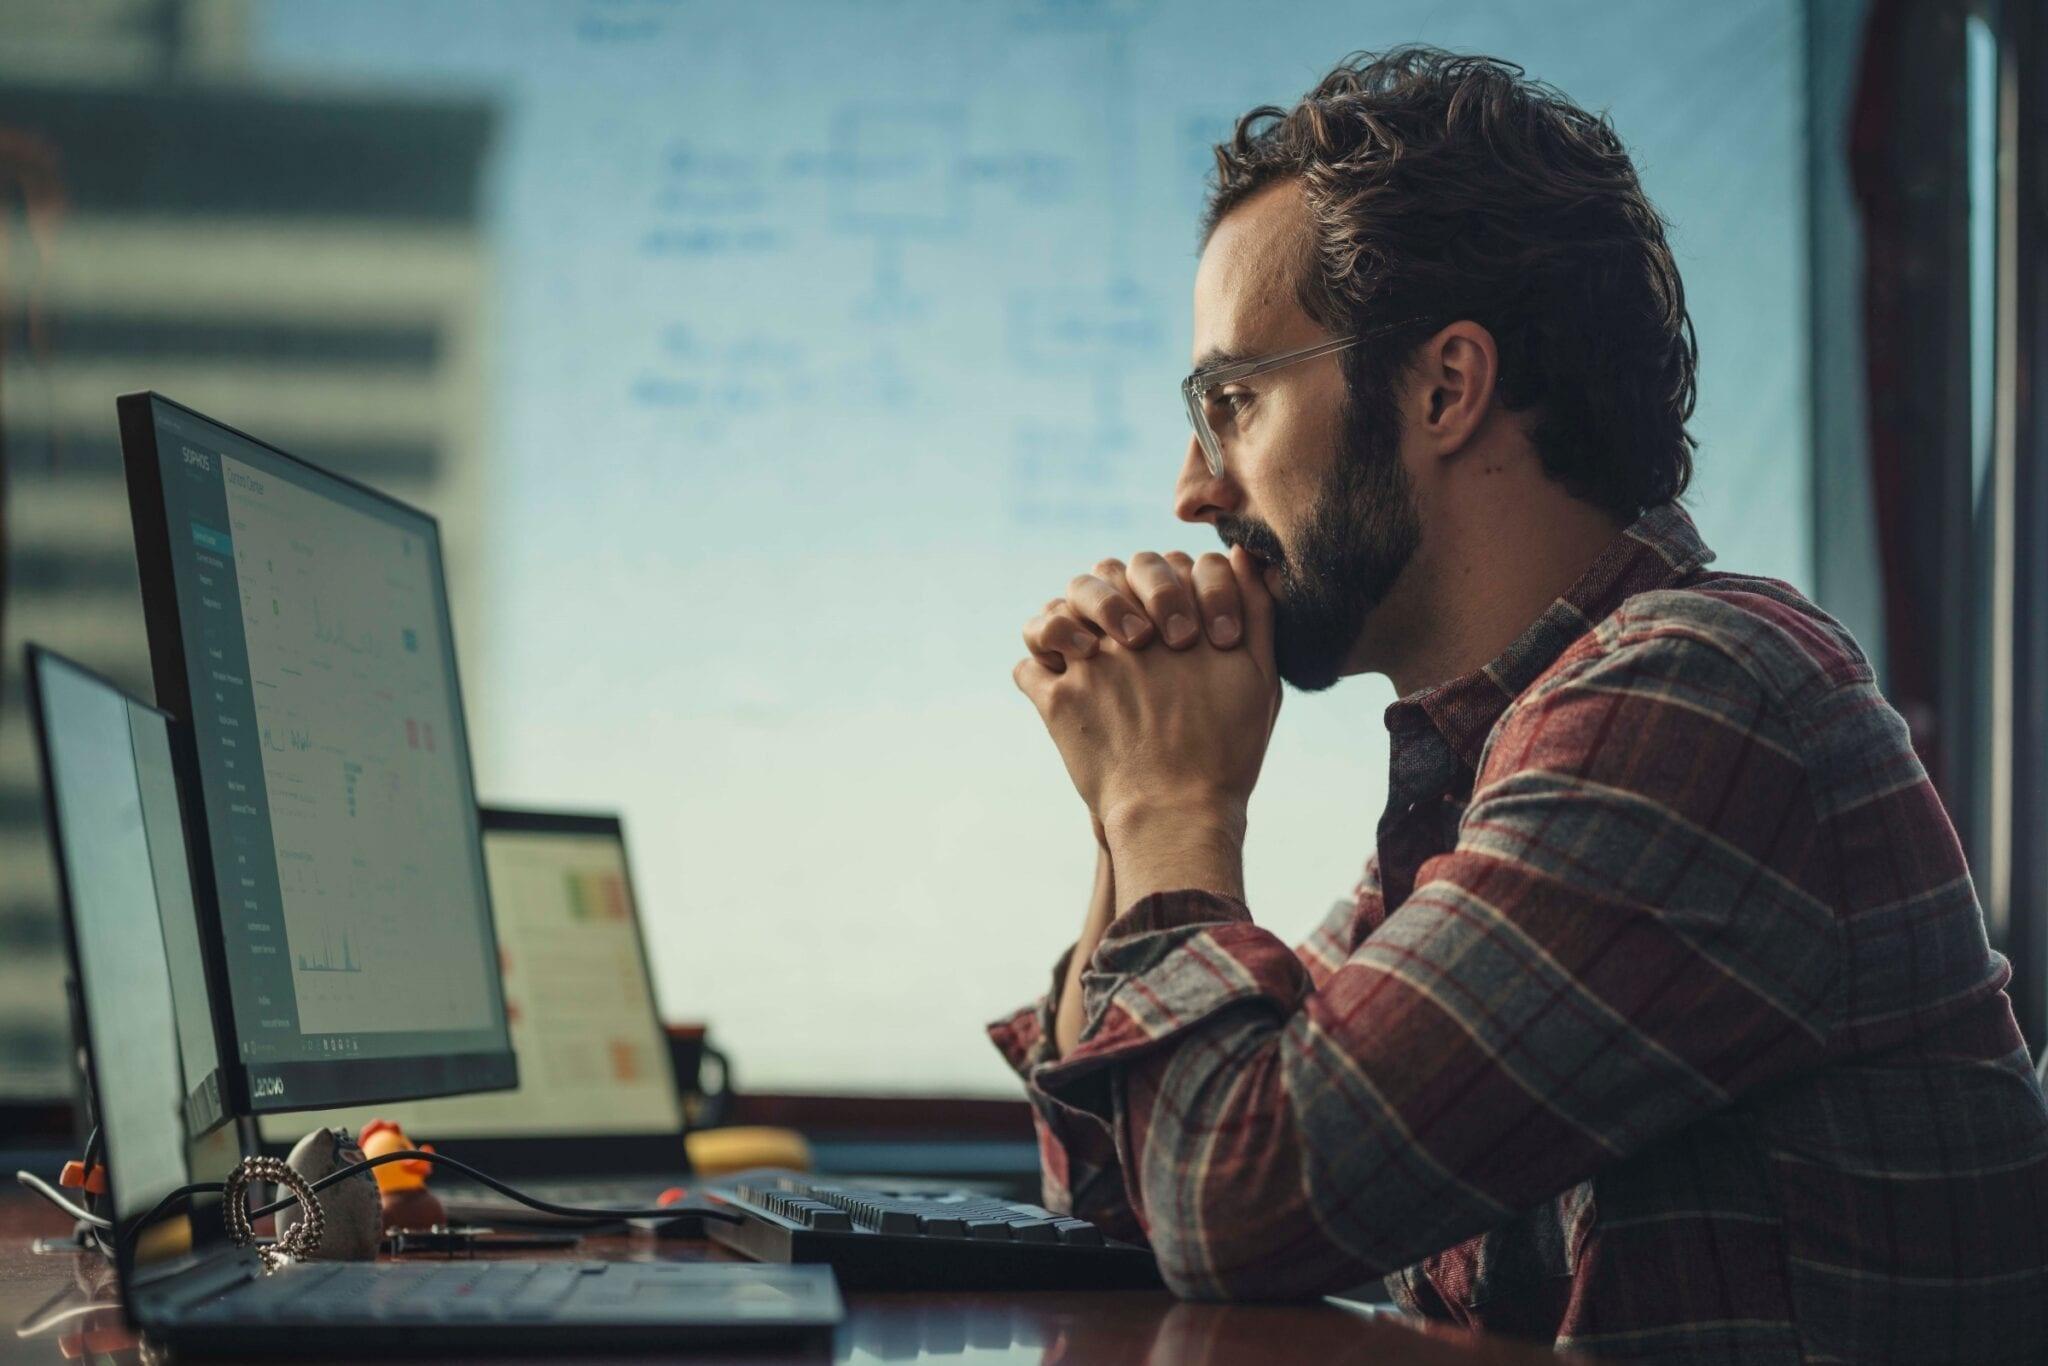 Lenovo ra mắt loạt dịch vụ quản lý trên nền tảng đám mây nhằm hỗ trợ cho doanh nghiệp vừa và nhỏ